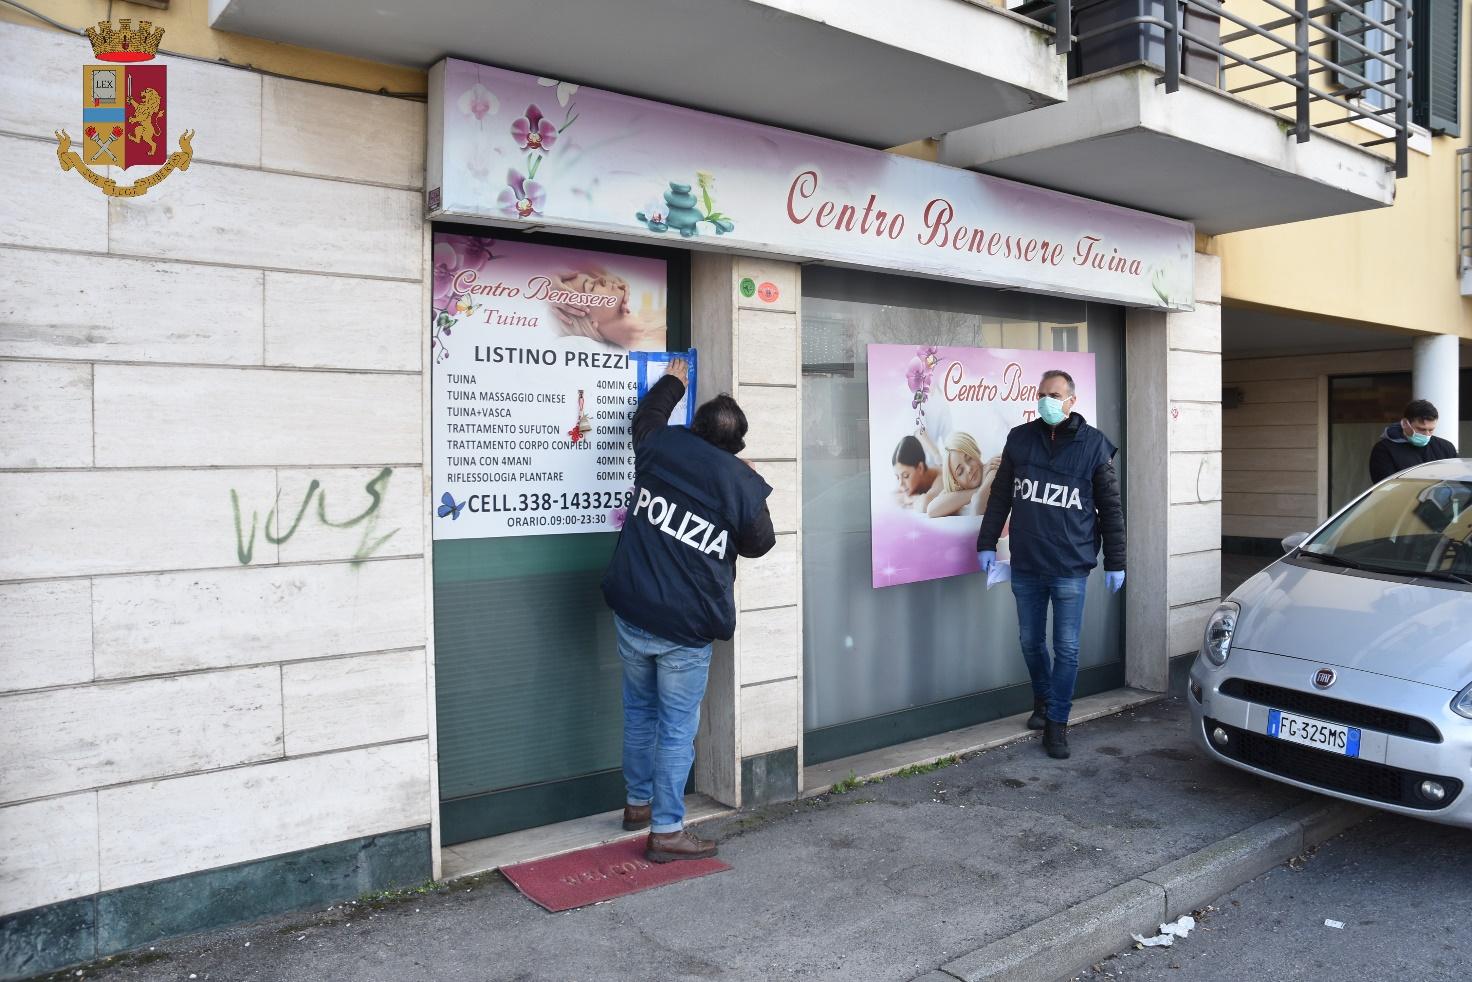 Sfruttamento della prostituzione, chiuso un centro massaggi a Viareggio: arrestata una donna